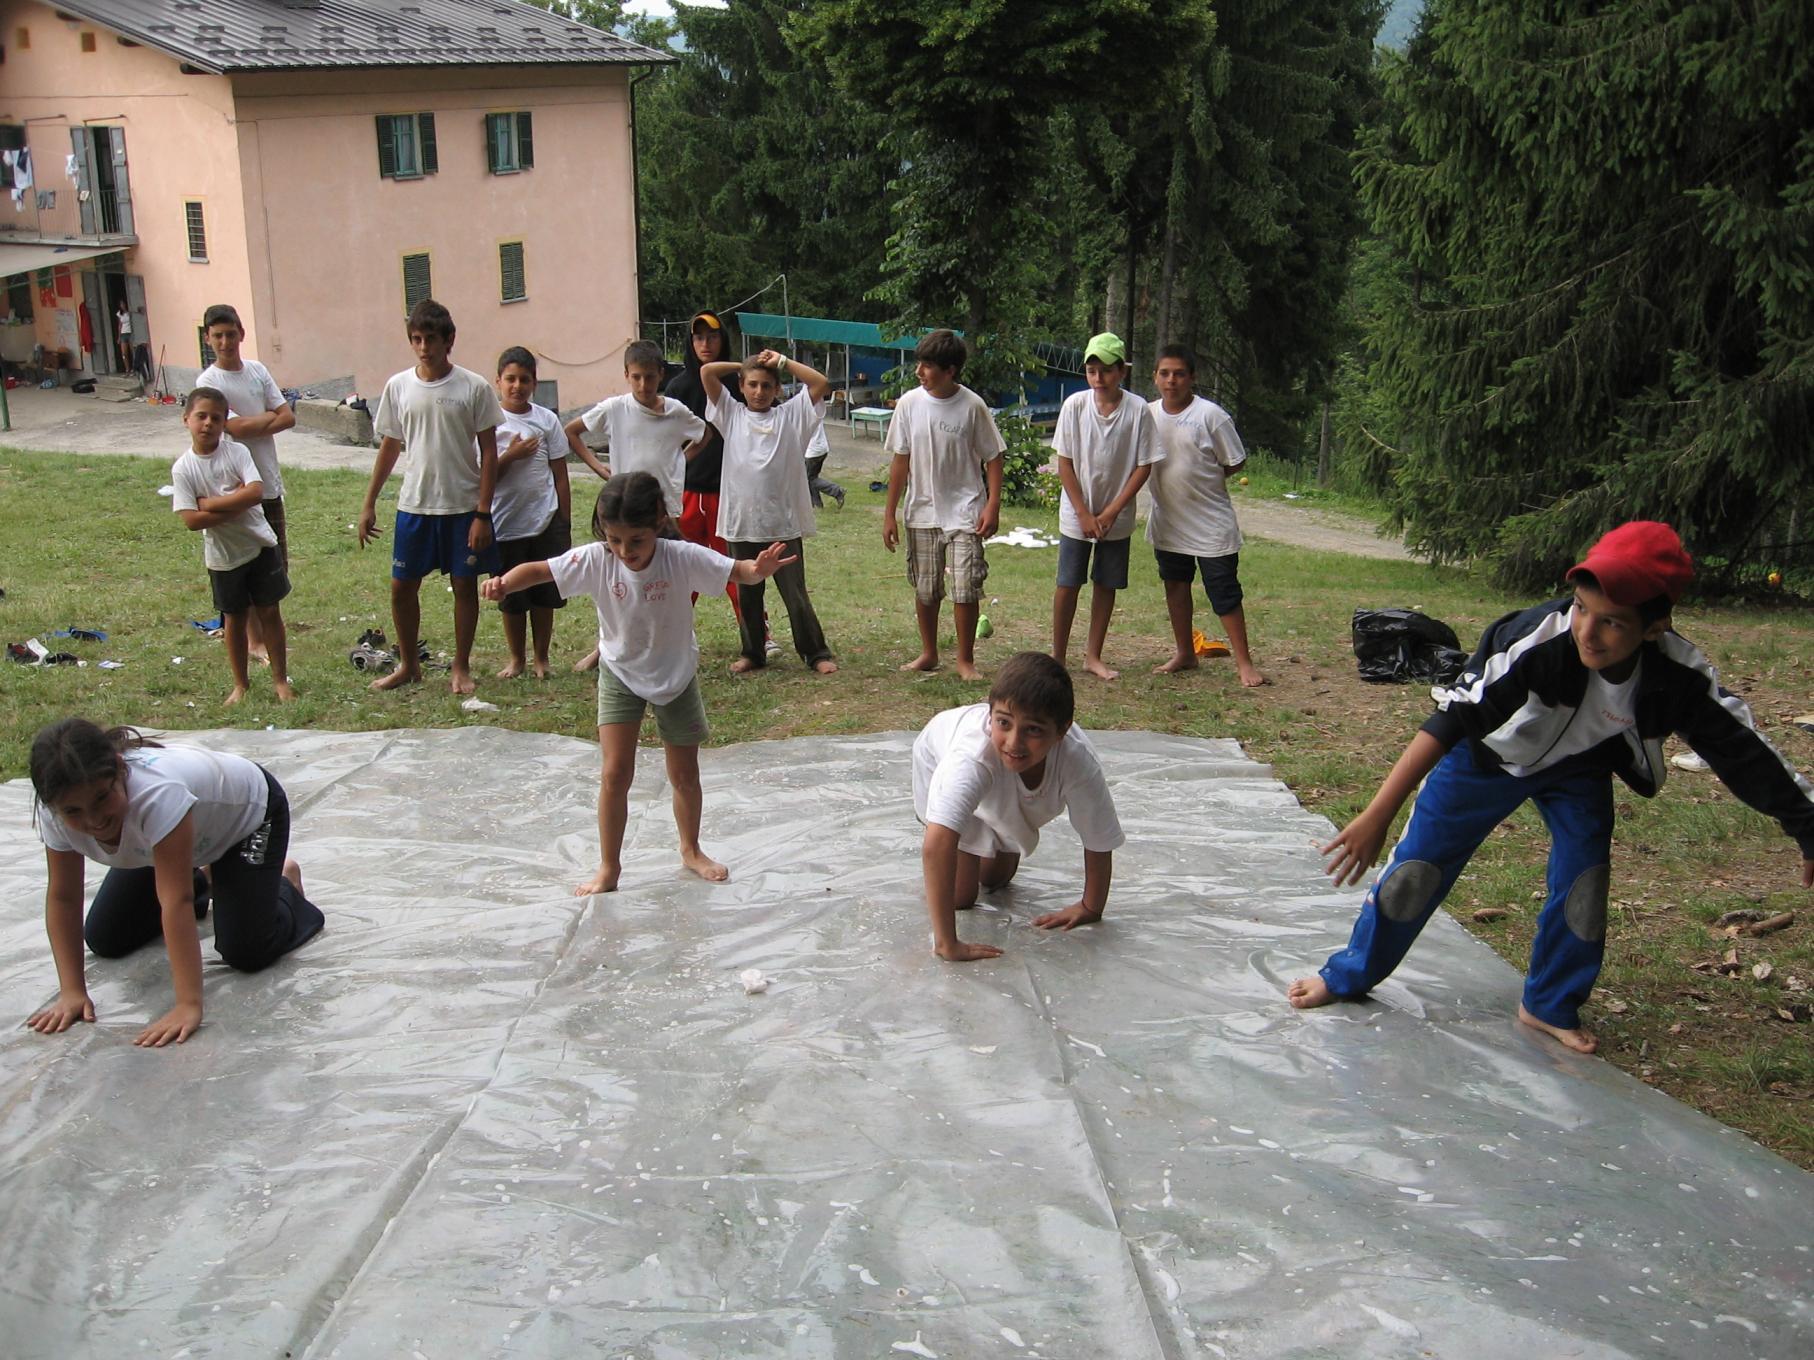 Campo_San_Giacomo_gare-2009-07-11--17.31.40